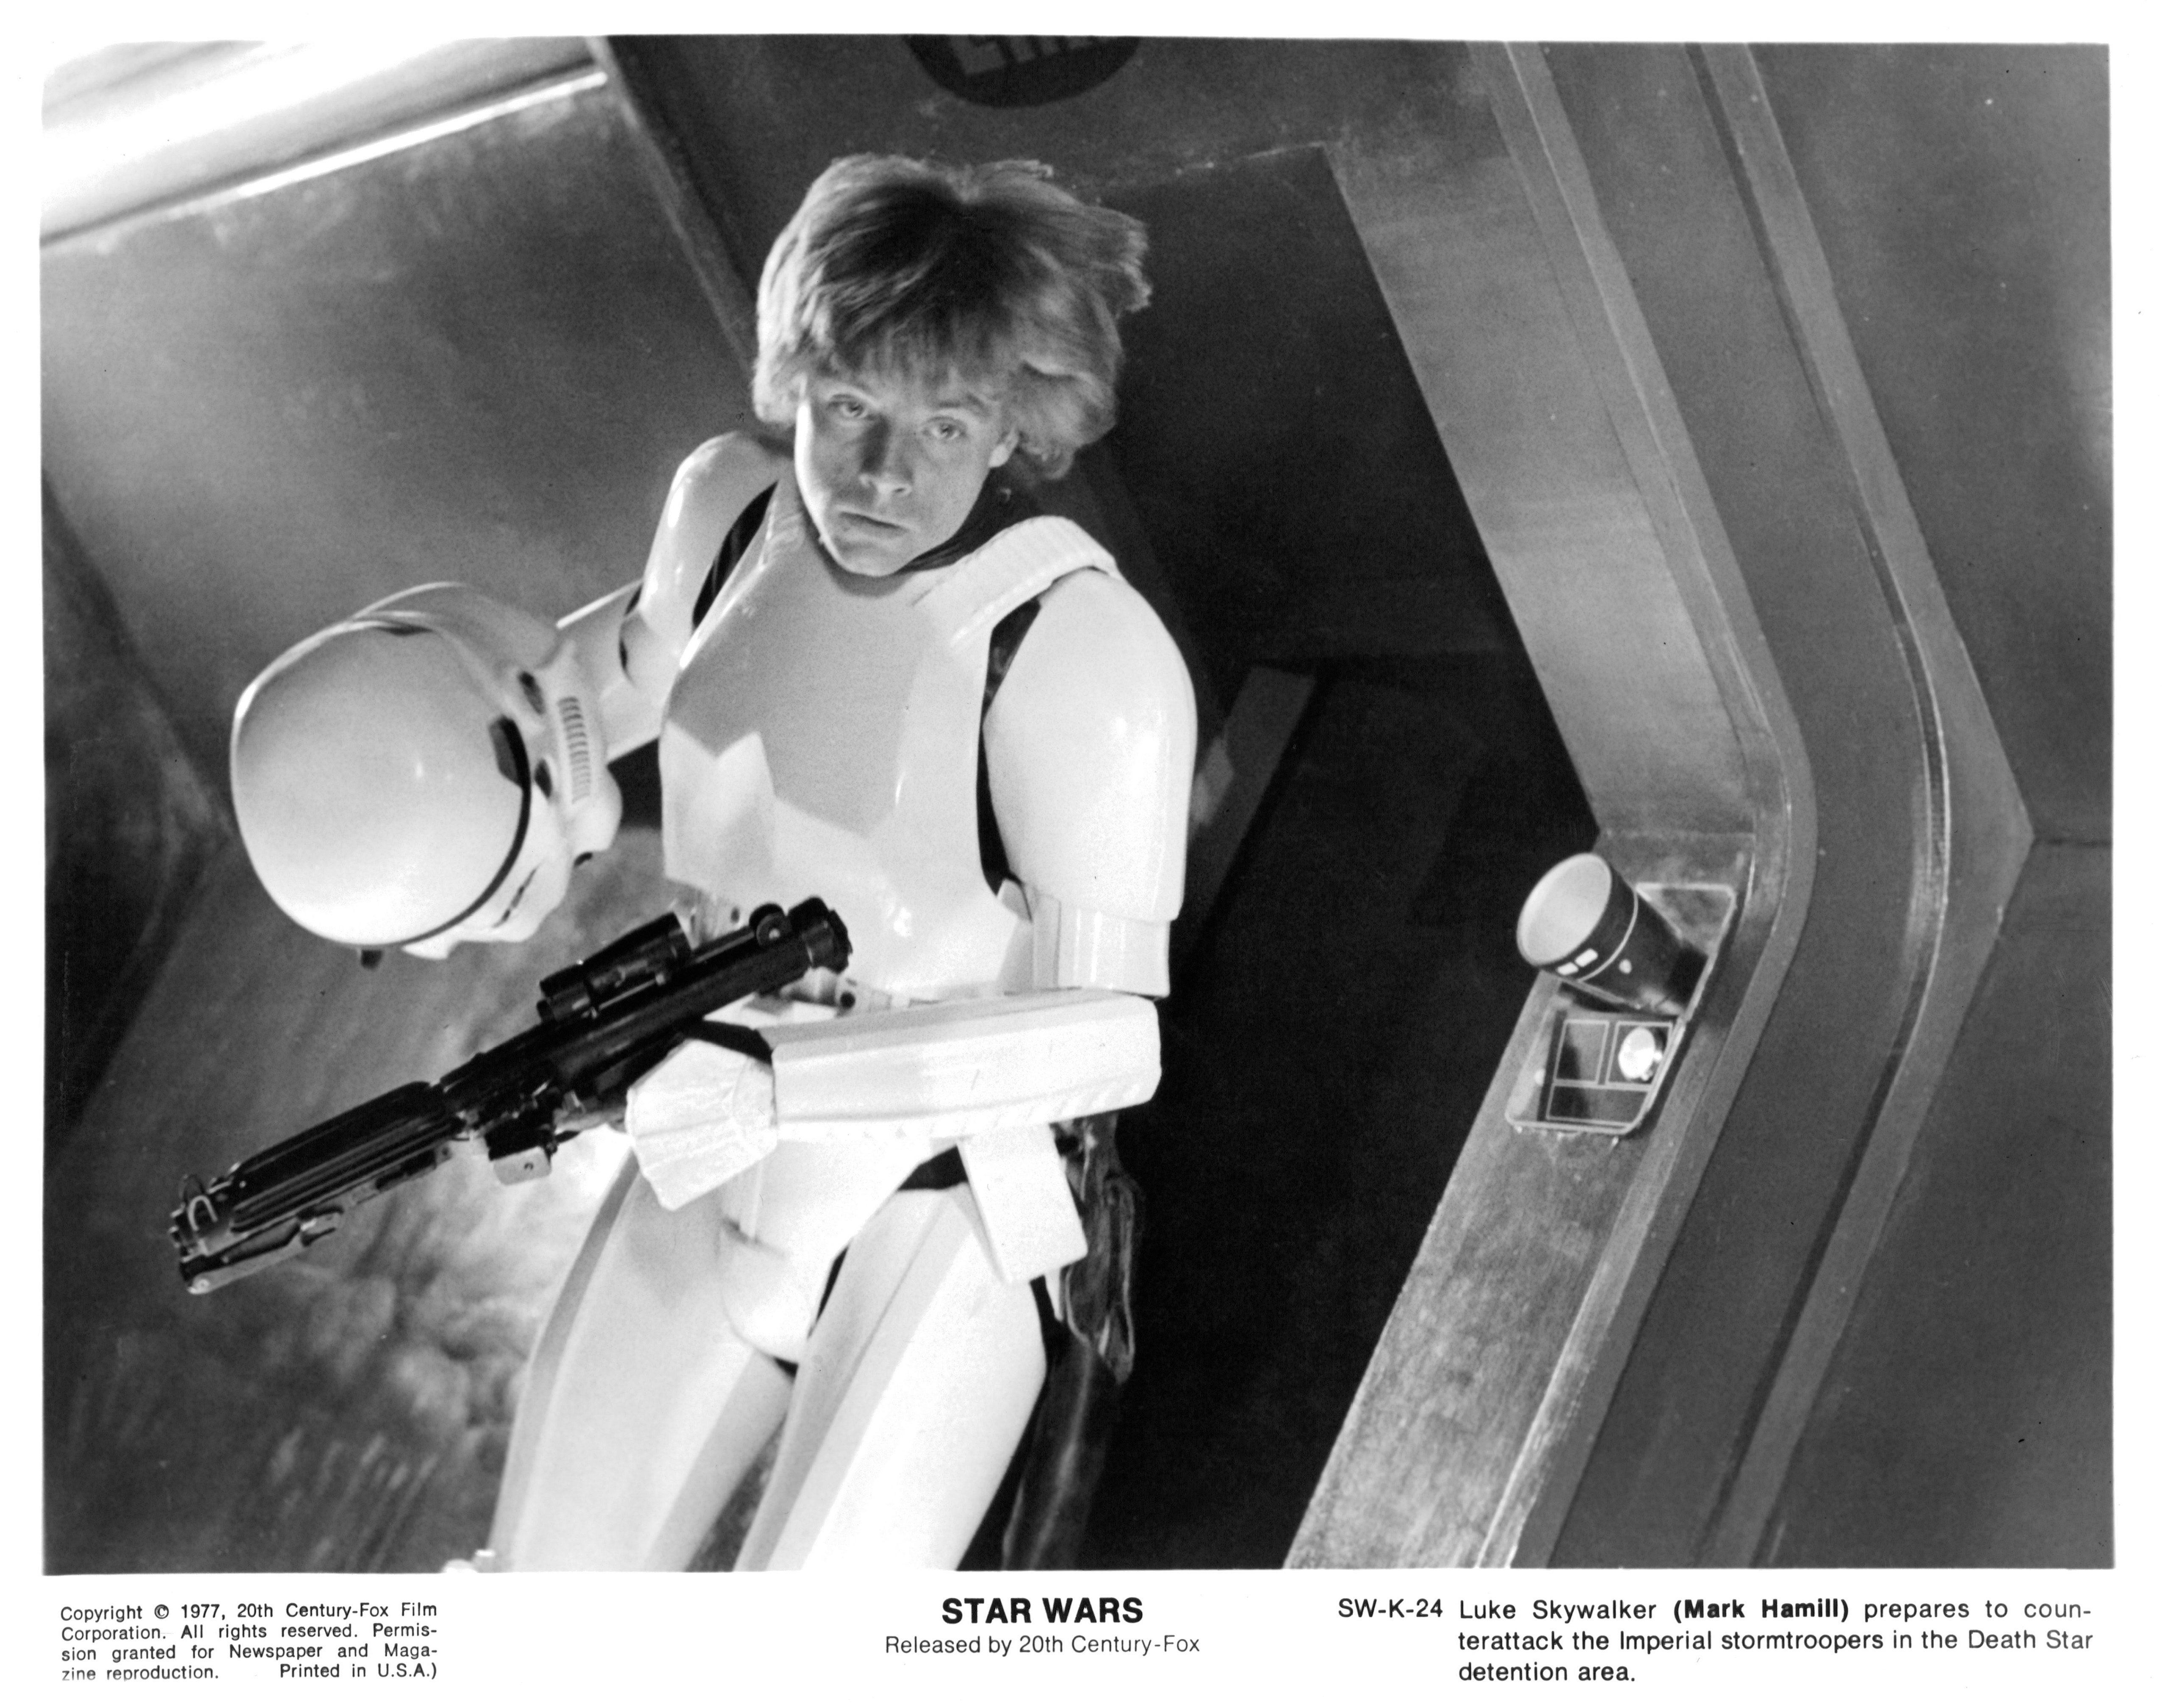 Mark Hamill In 'Star Wars'